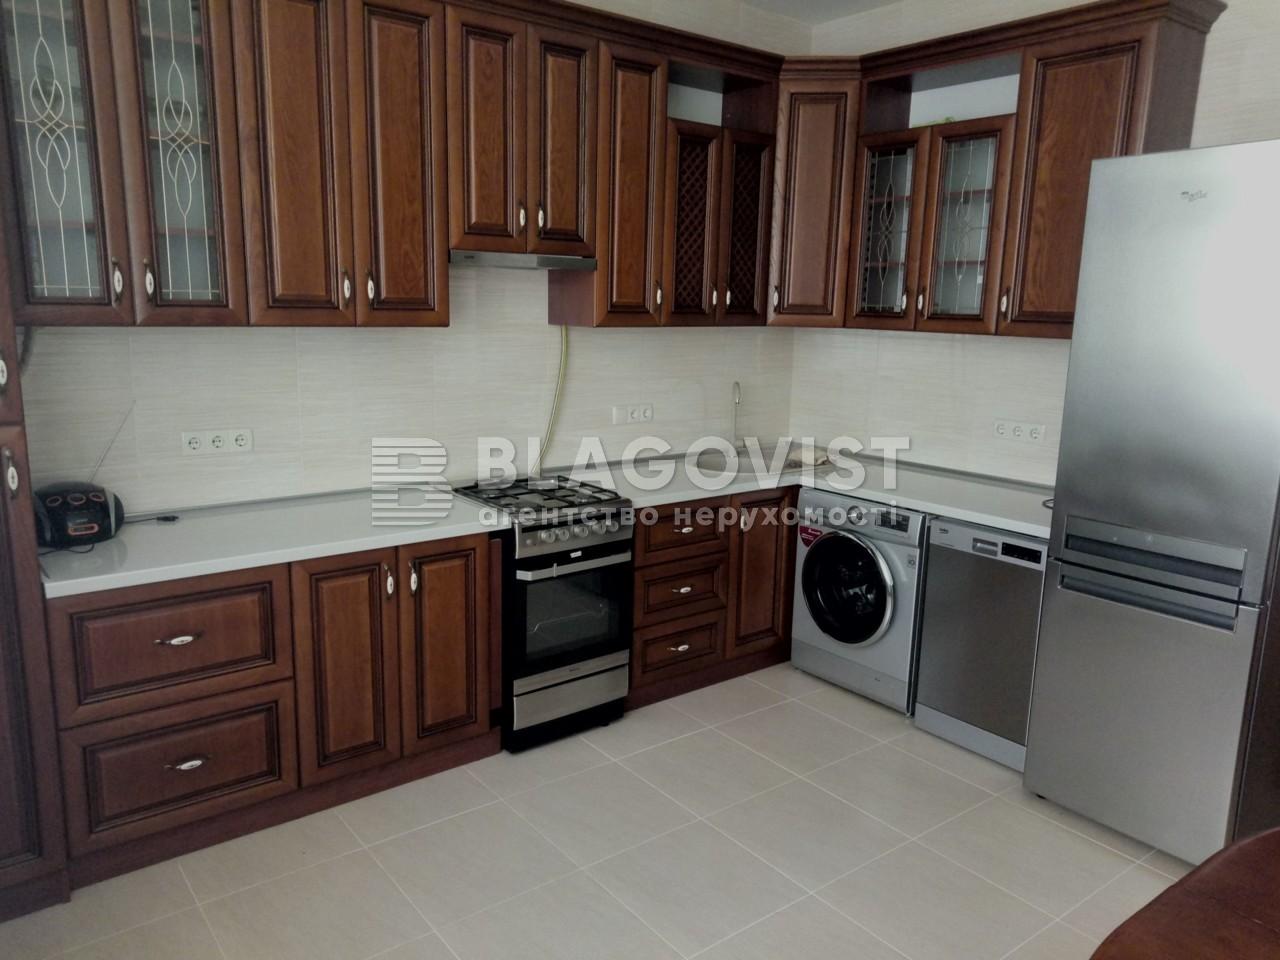 Квартира M-35970, Борщаговская, 28а, Петропавловская Борщаговка - Фото 13